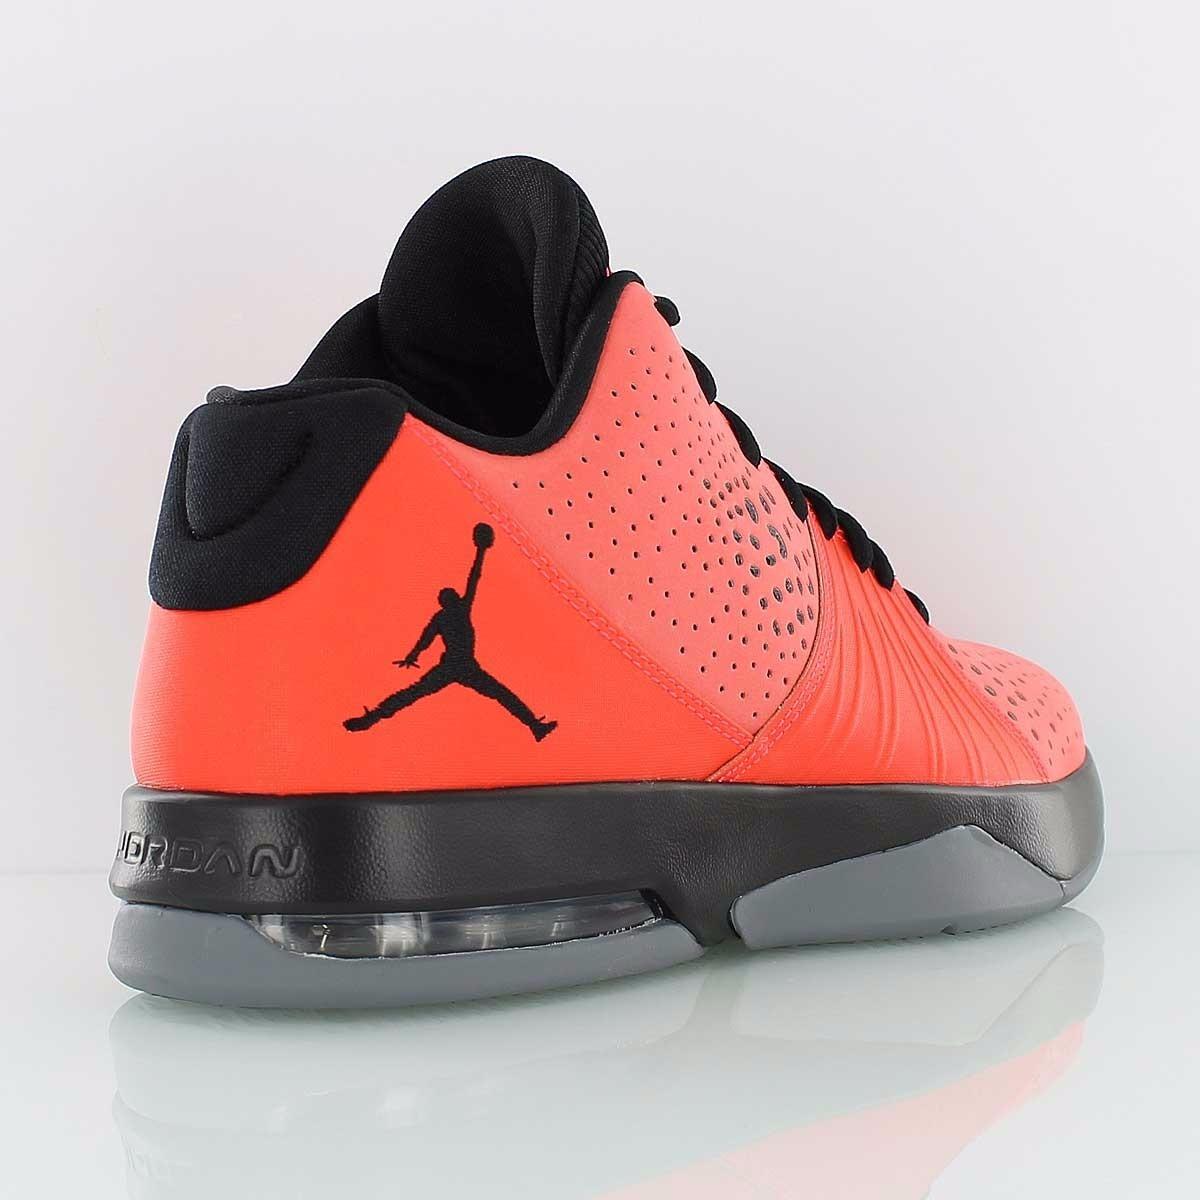 Zapatos Jordan Shwxtq Ver 2016 Para At Hombre q67zS6